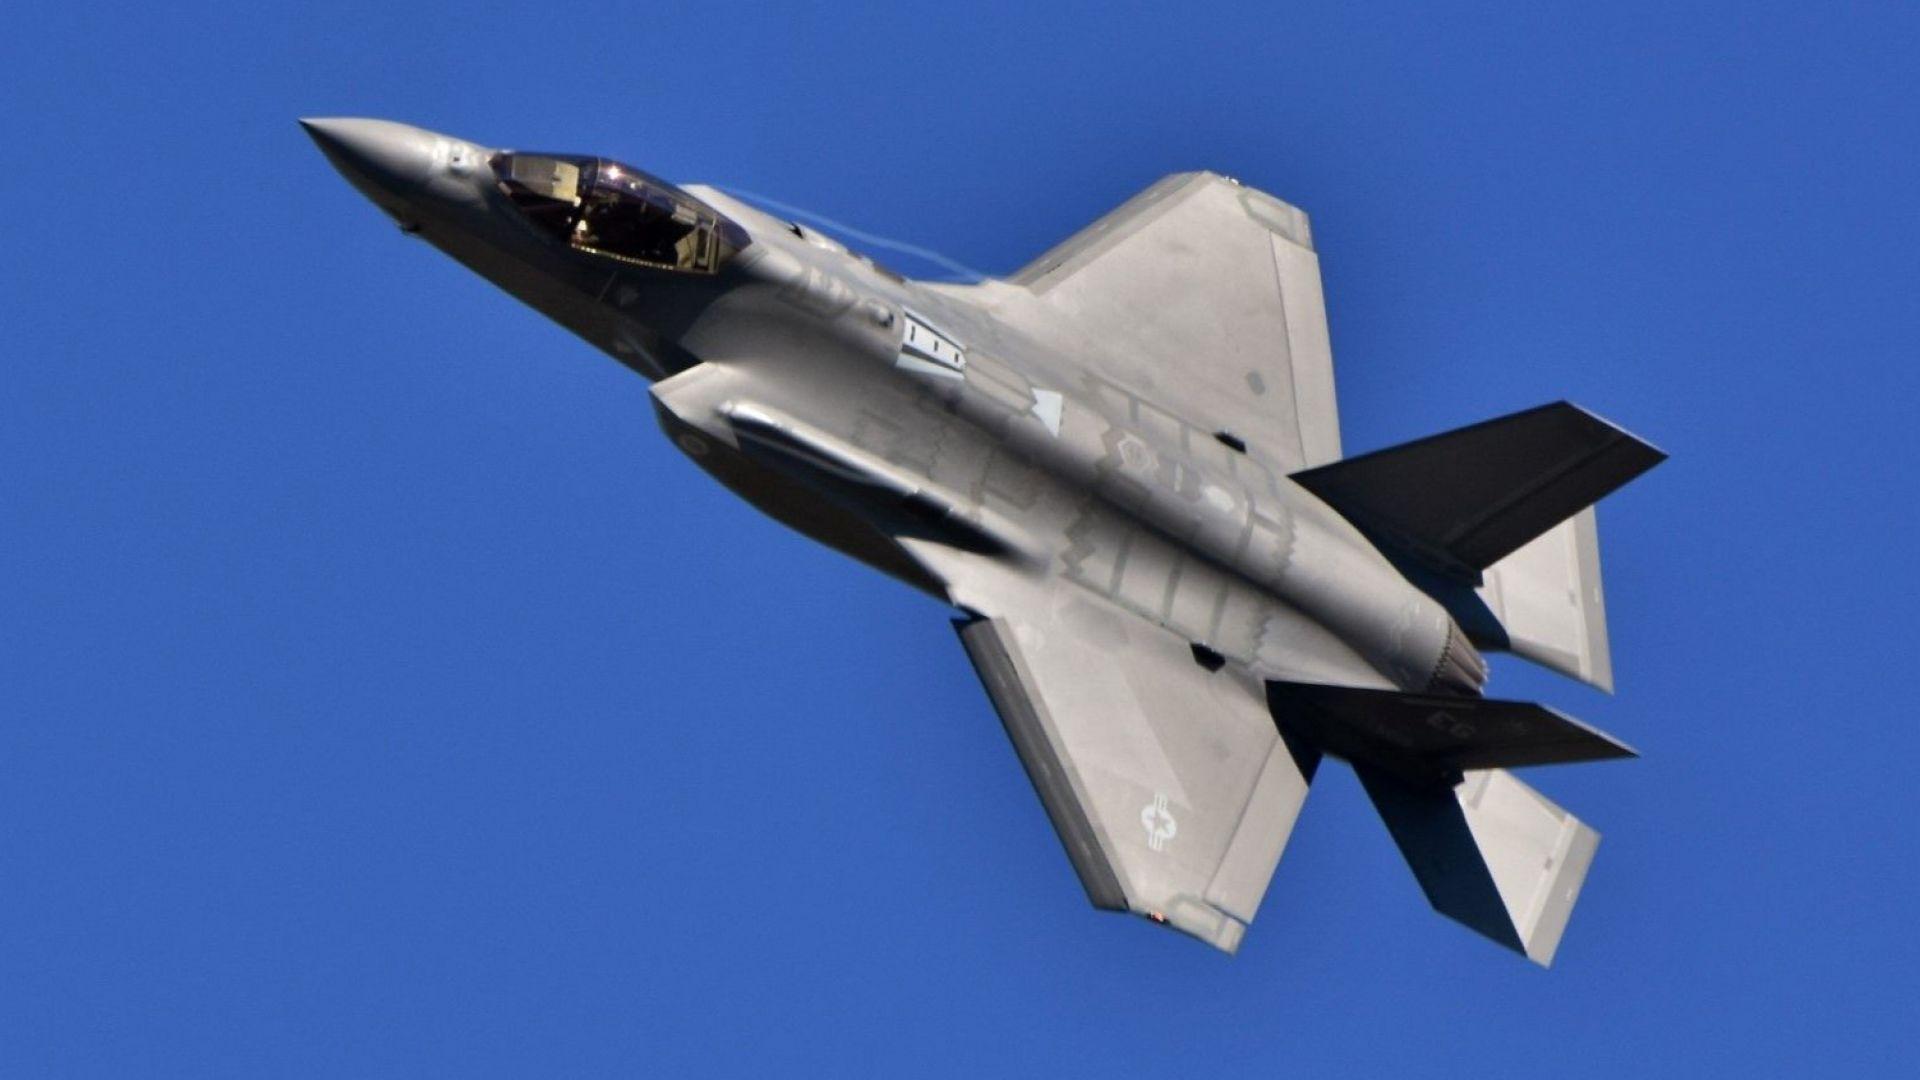 САЩ отрязаха временно Турция за изтребителите  F-35